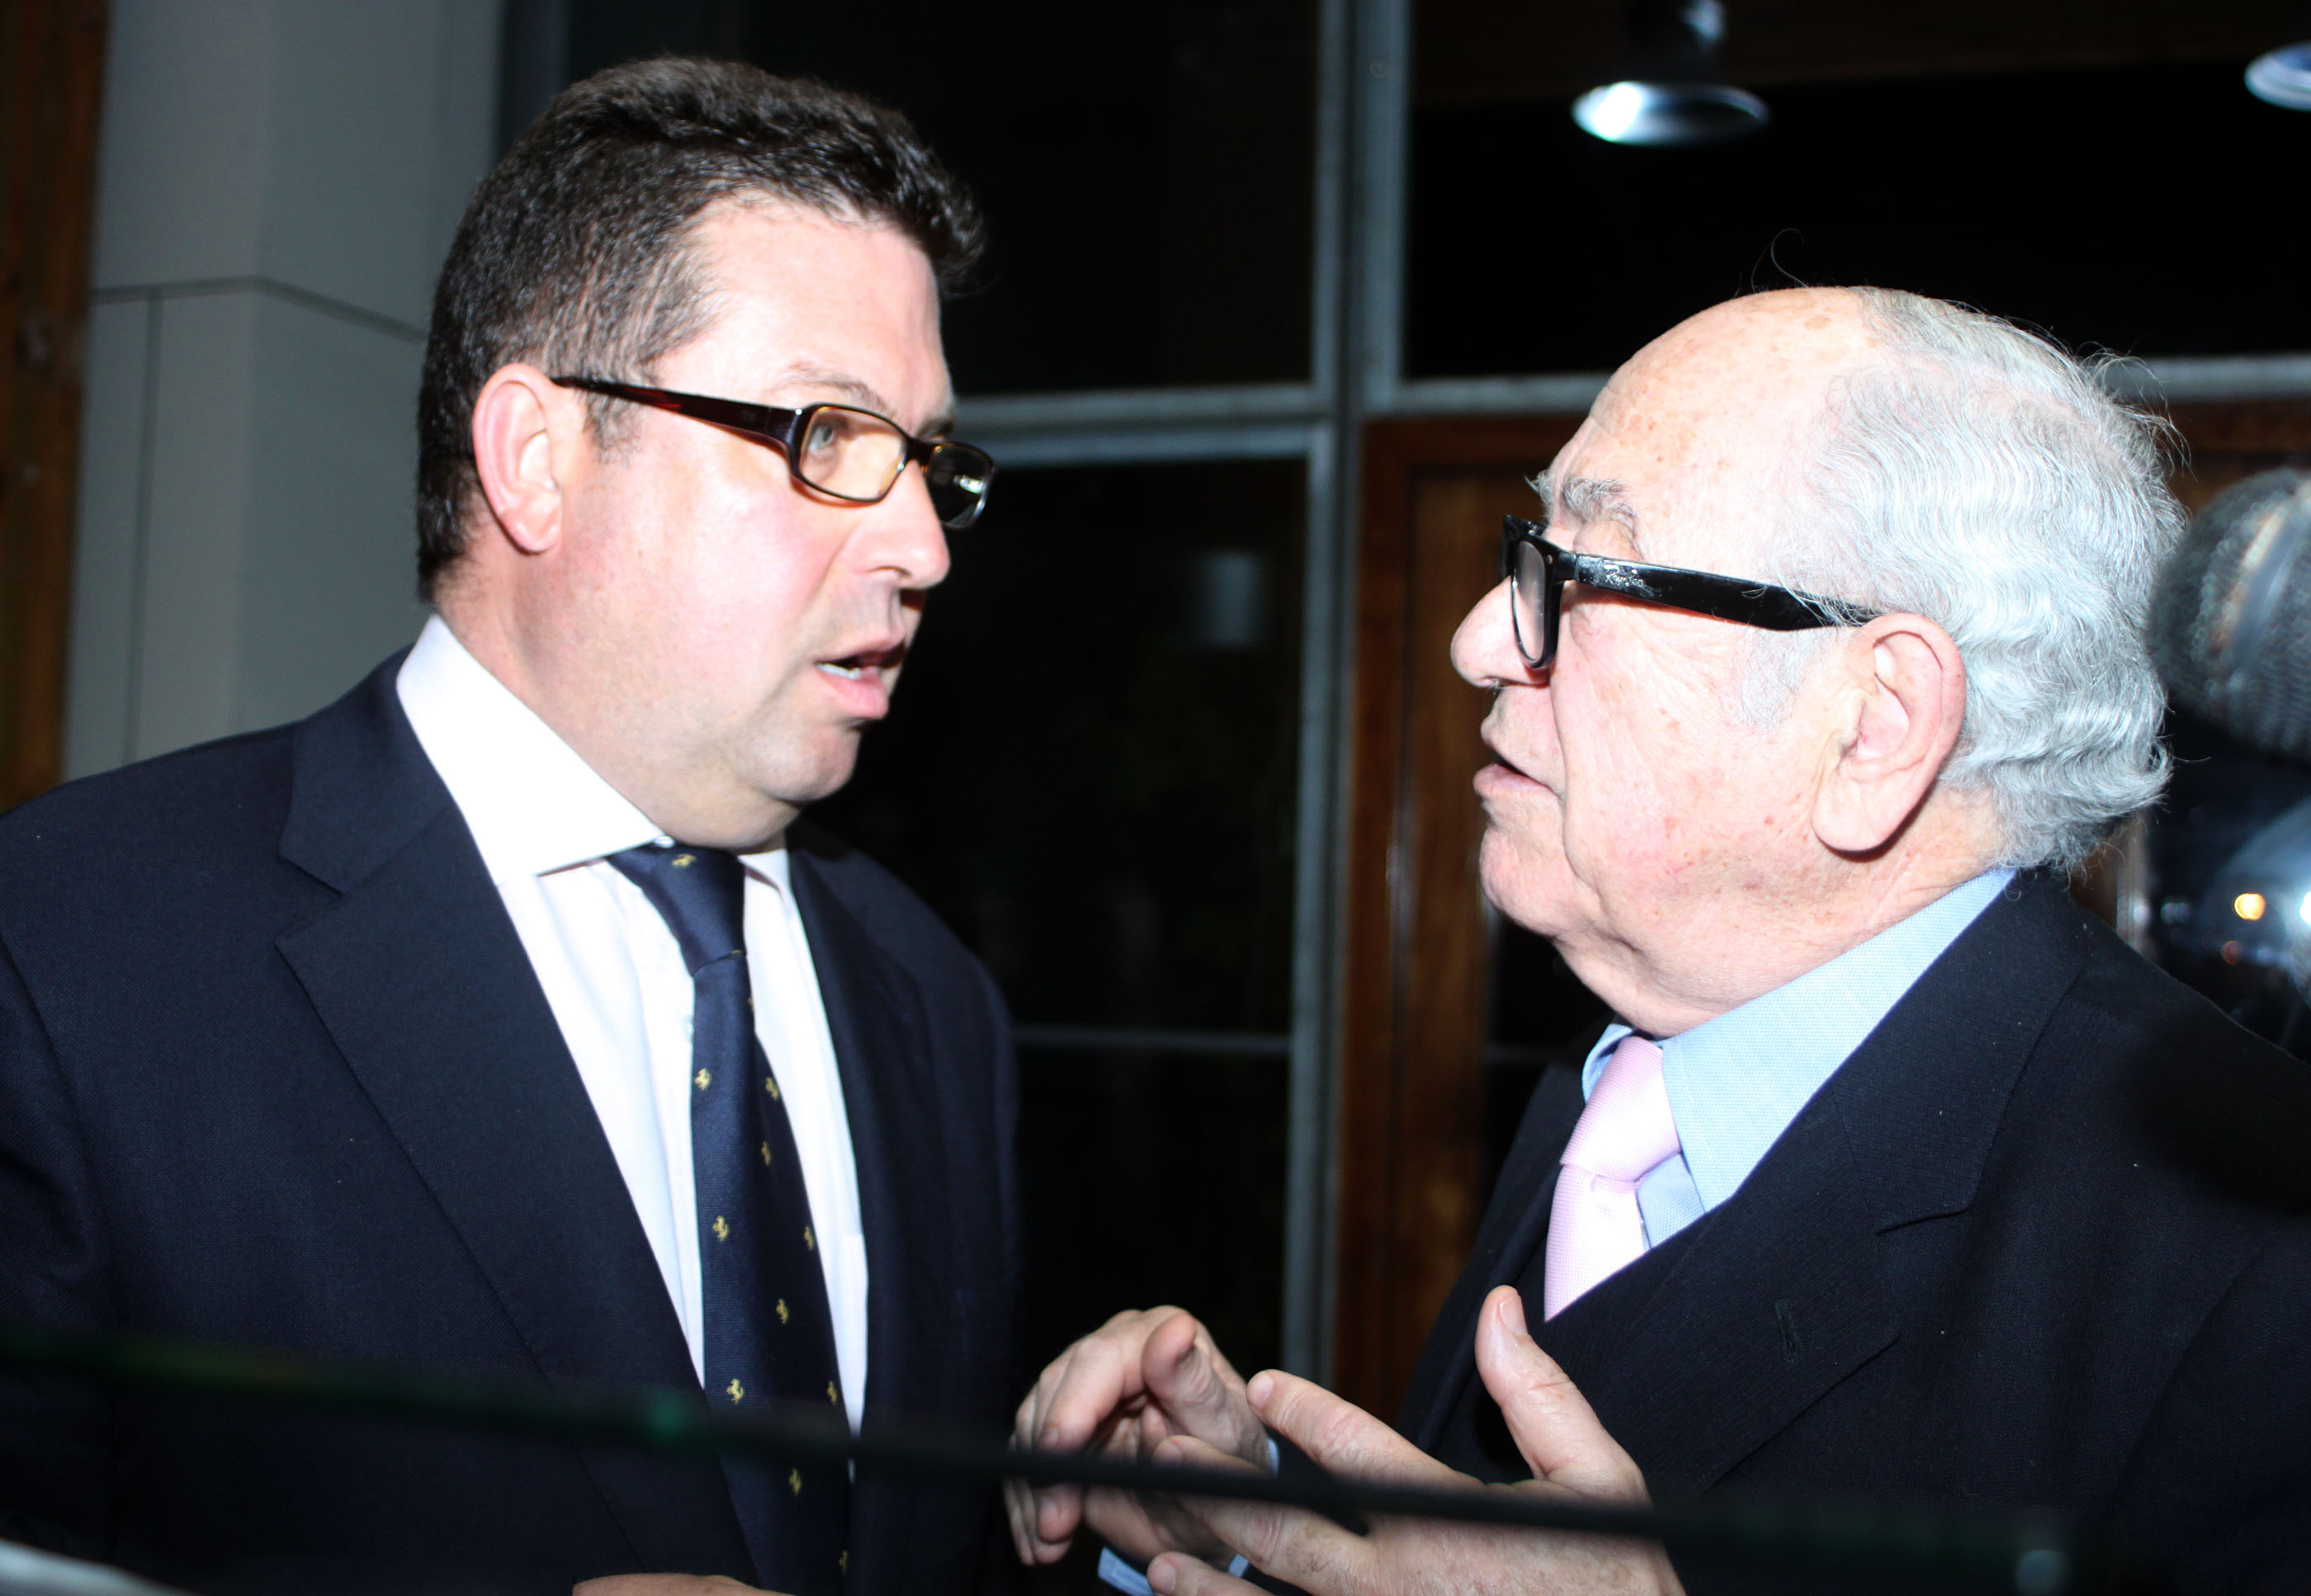 Ángel Morenilla (i) junto al presidente del RCR Cartagena, Miguel Ánlgel Celdrán © Pep Portas